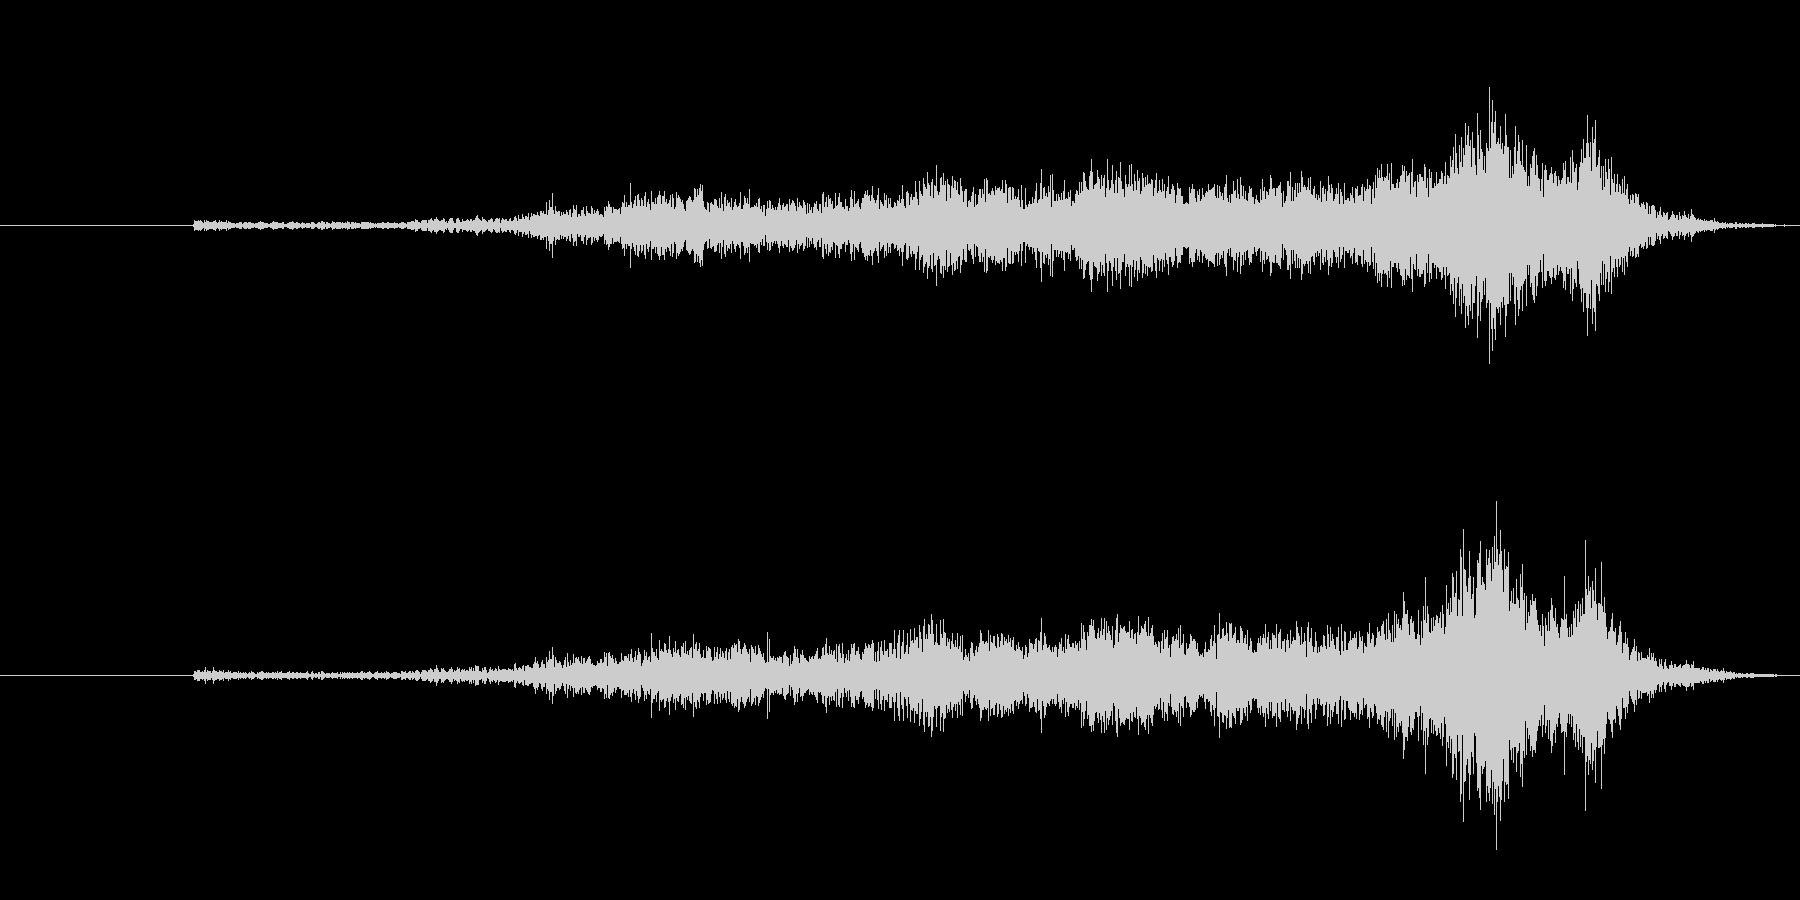 生音 三味線 コスリ アップの未再生の波形